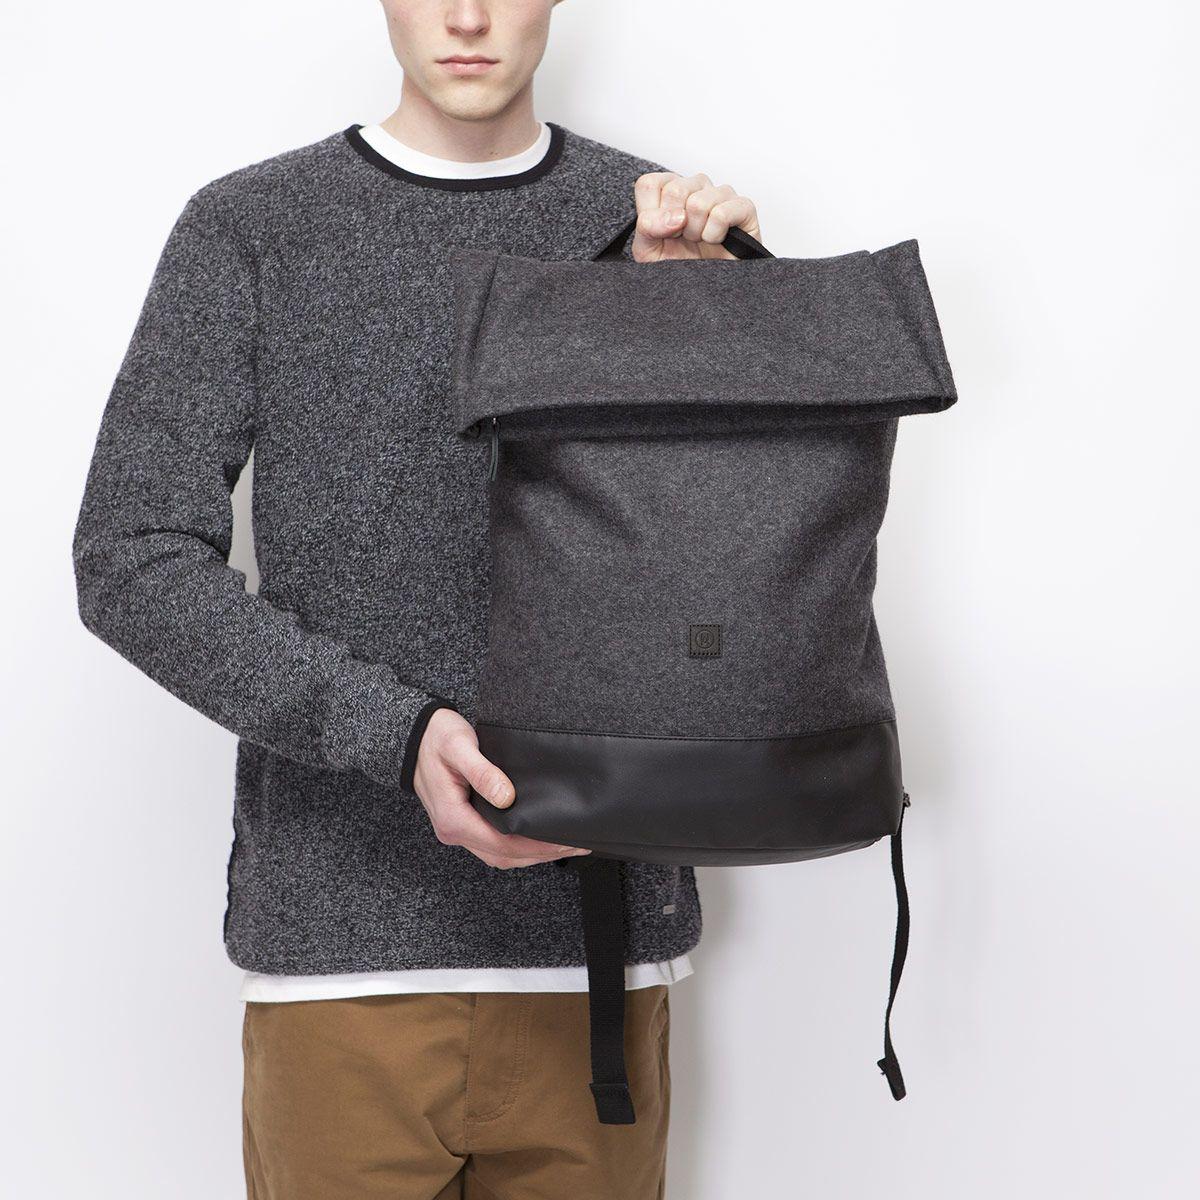 kasper backpack ucon acrobatics backpack pinterest. Black Bedroom Furniture Sets. Home Design Ideas